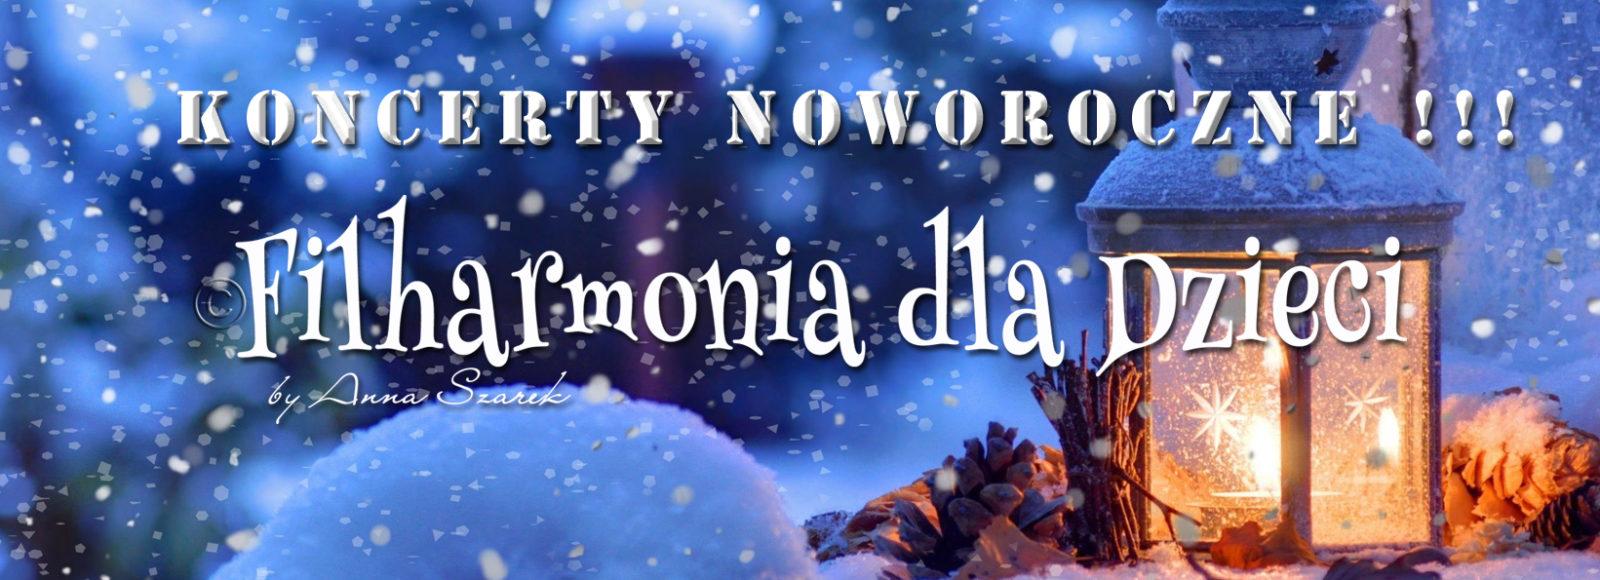 Filharmonia dla Dzieci Kobylka Zielonka Koncerty Noworoczne Wacle Polki muzyka koncerty dla dzieci